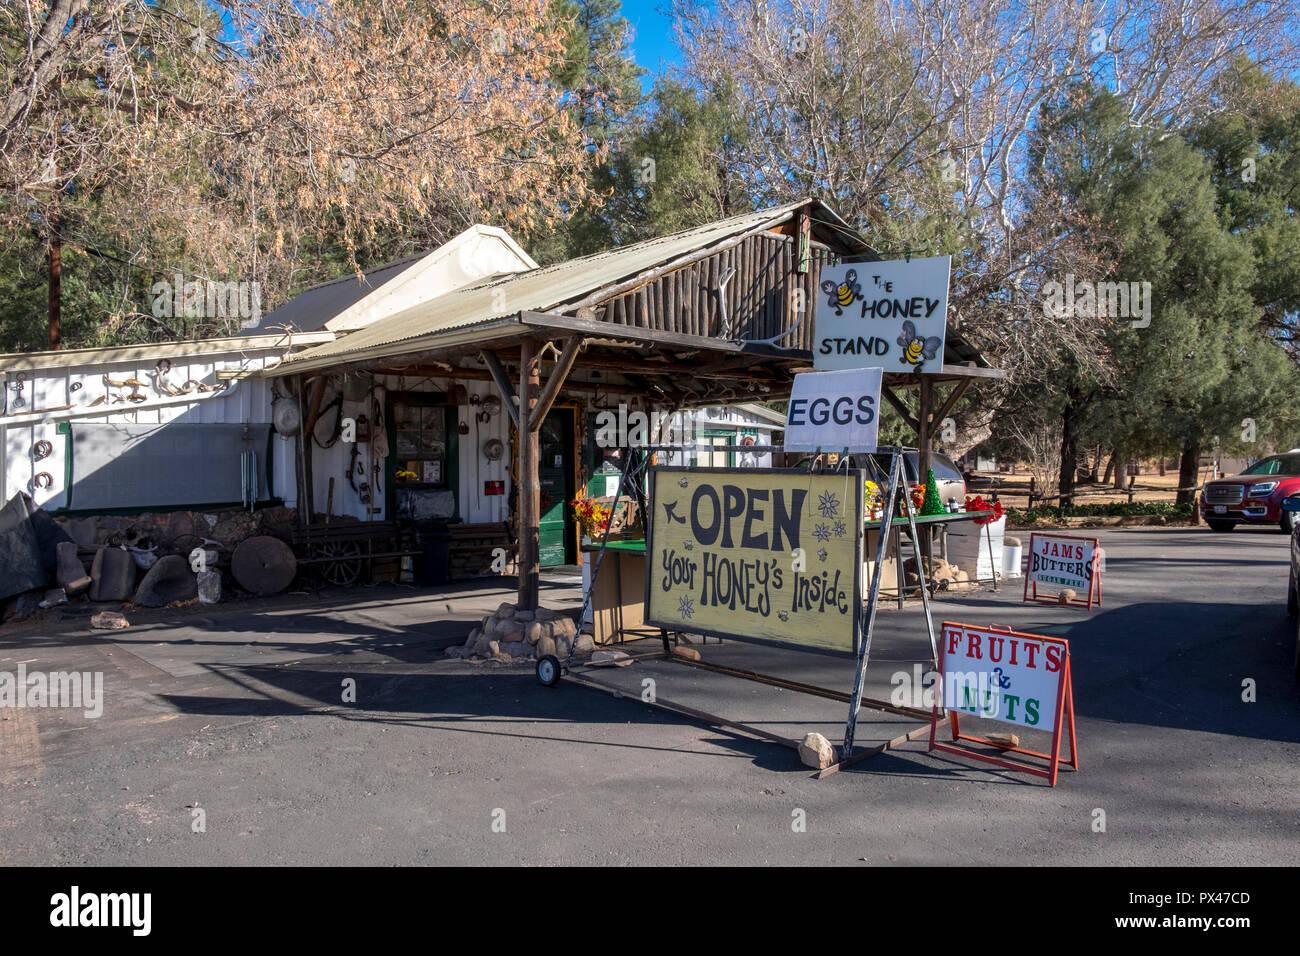 Honey Store Stock Photos Images Alamy Mps Whitehoney Stand Pine Arizona Usa Image